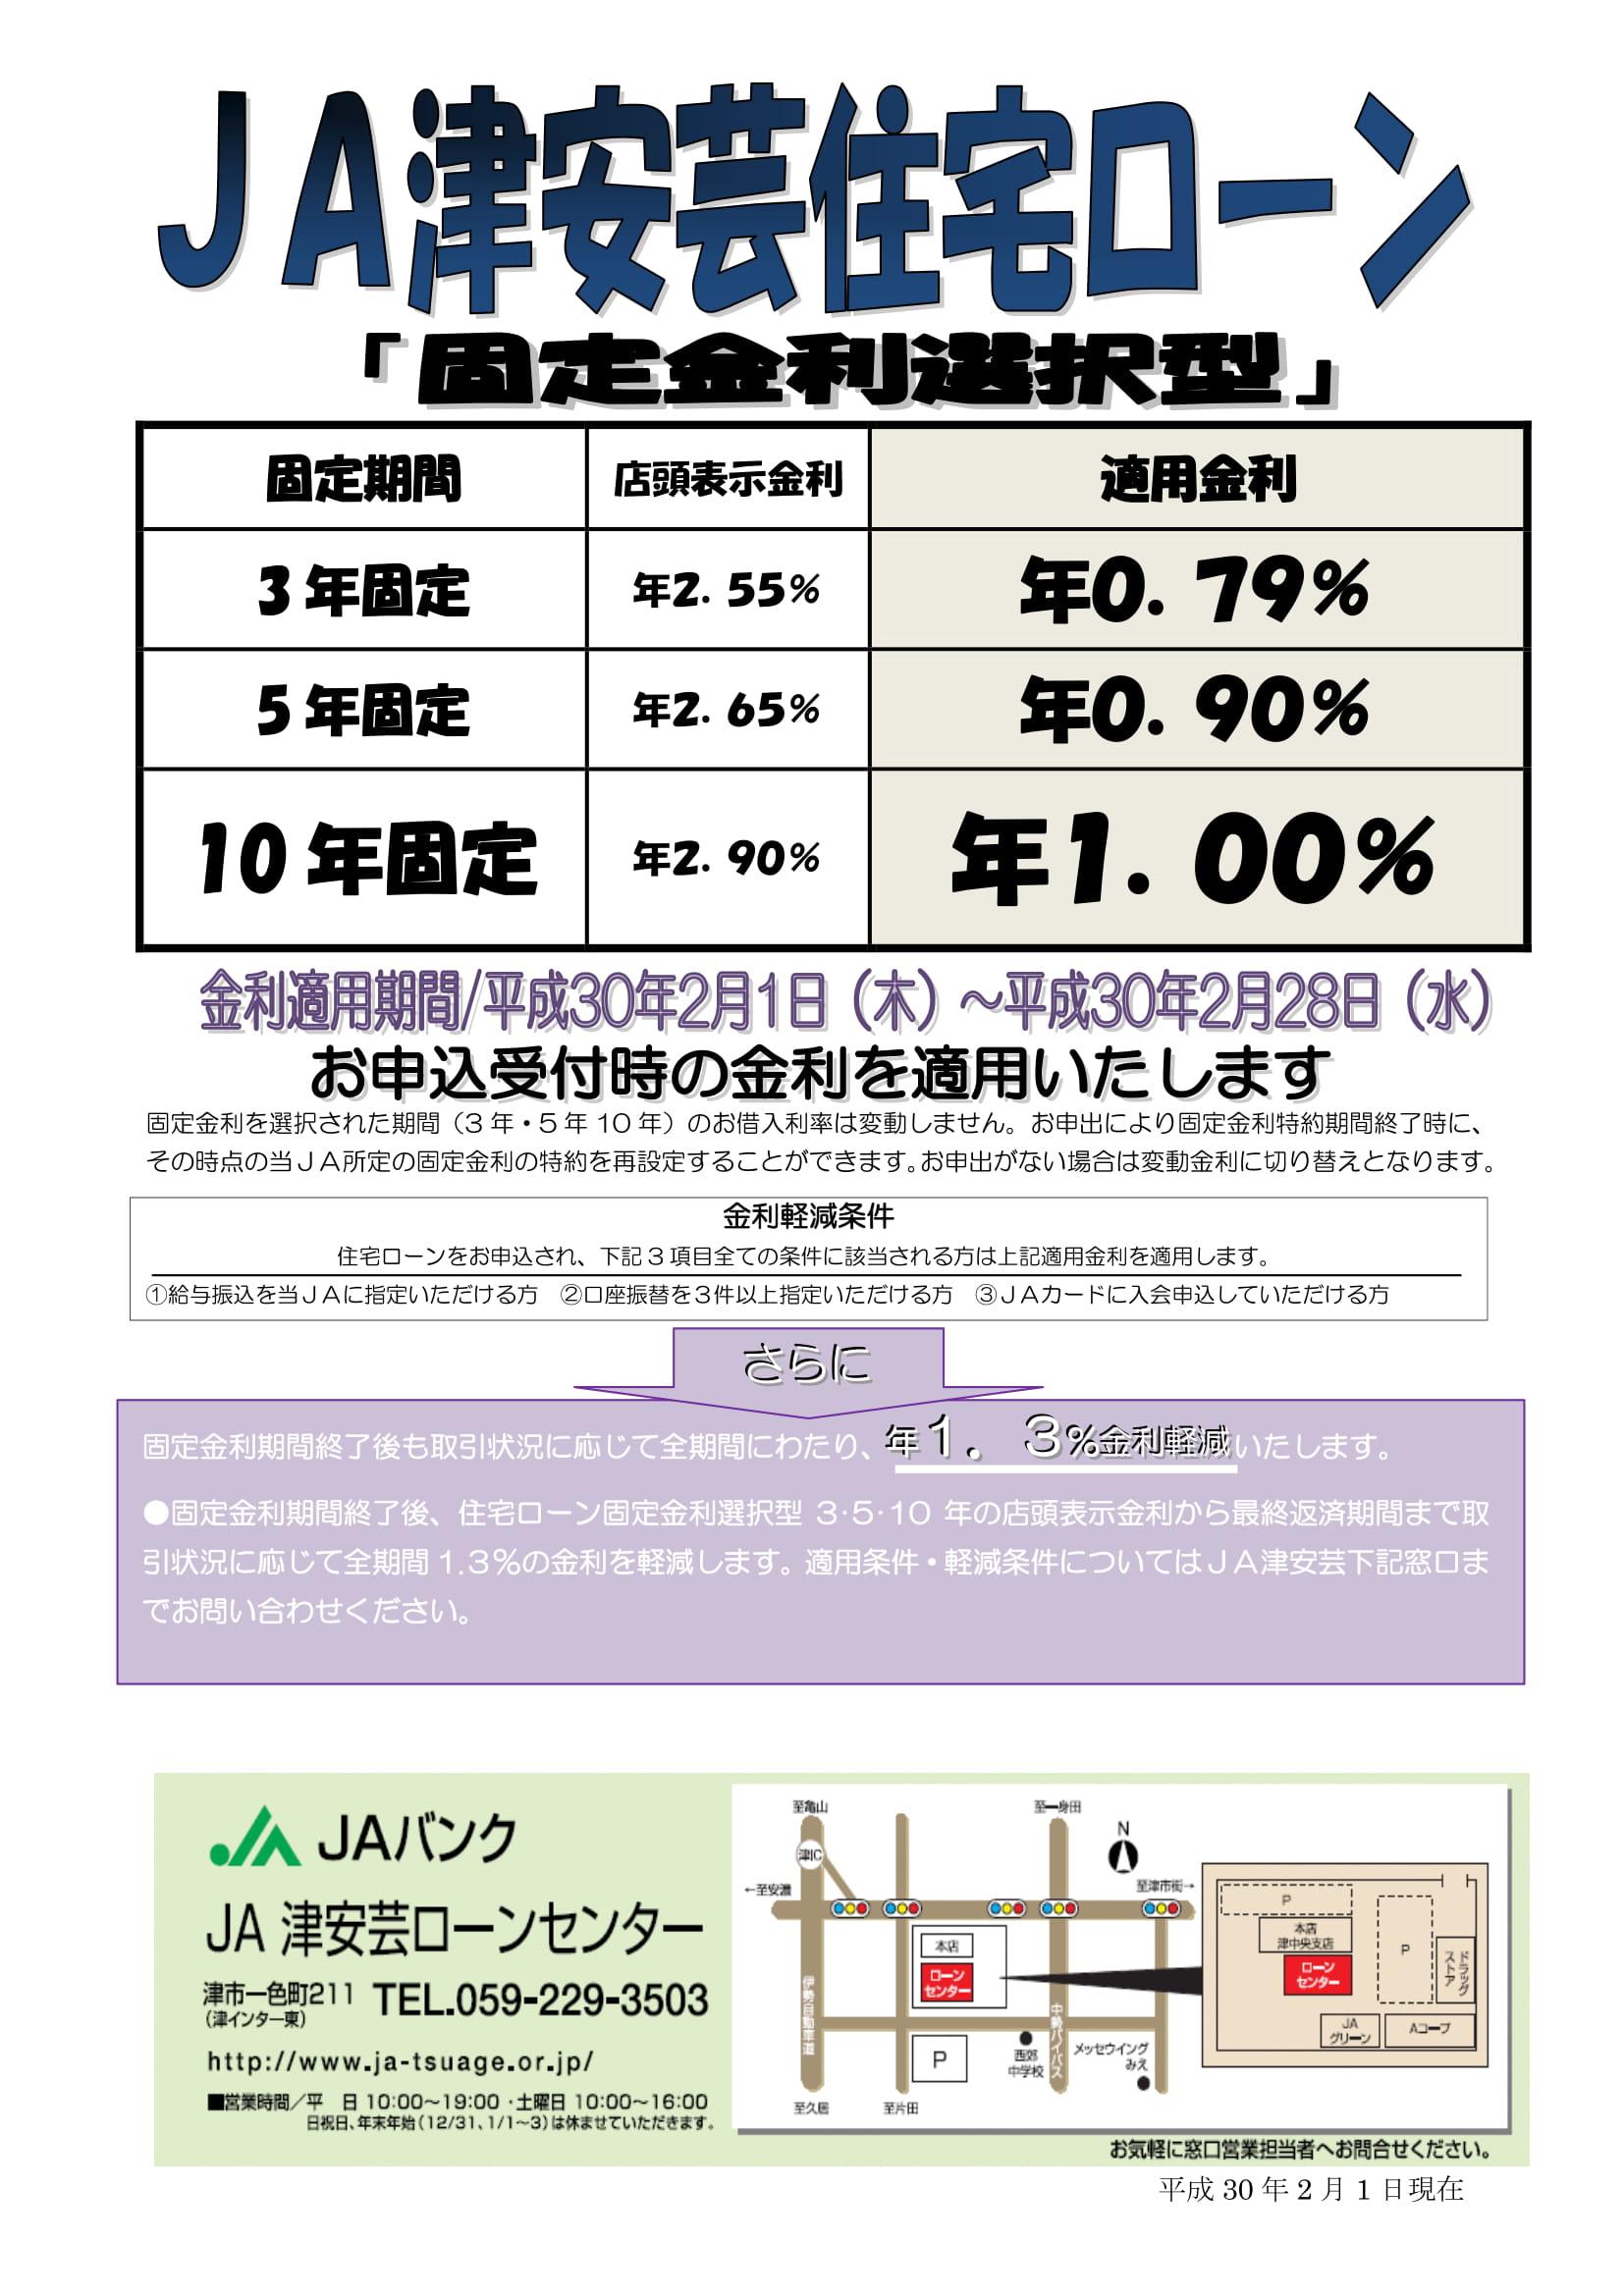 JA津安芸 住宅ローン〈固定金利選択型〉